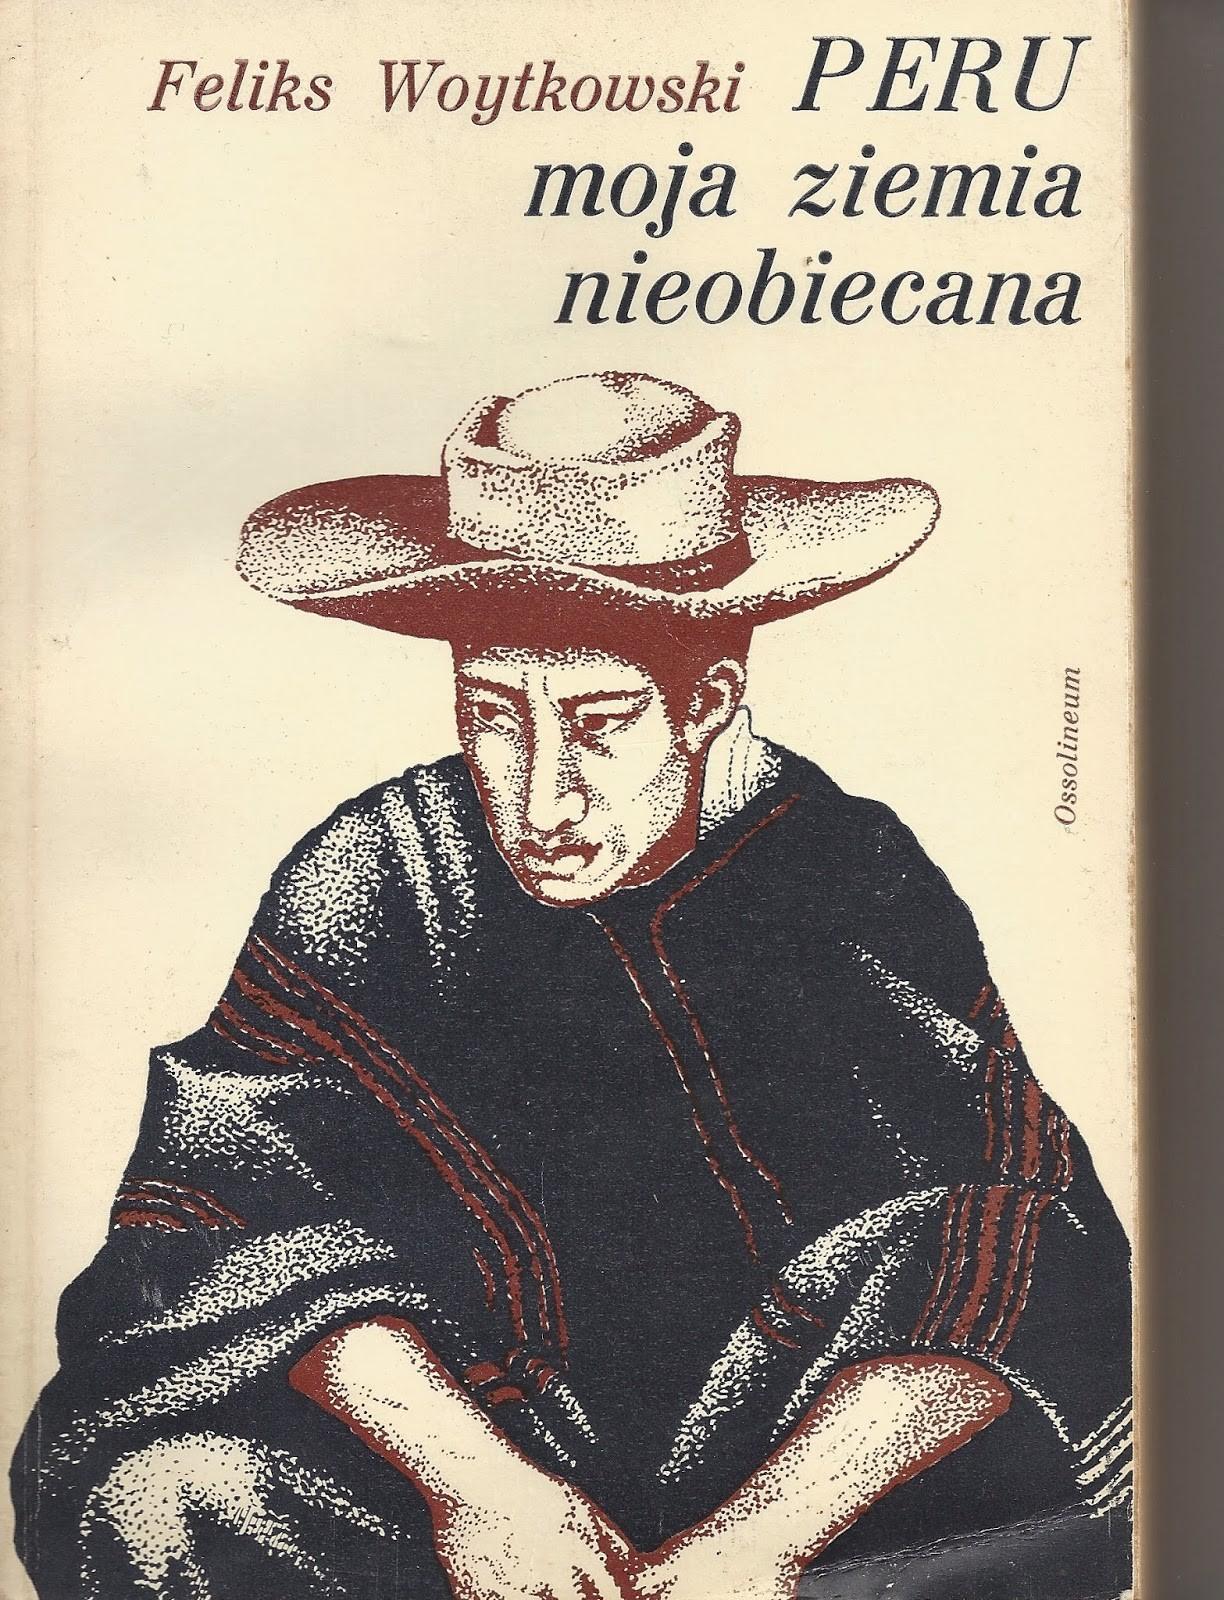 """Presentamos aqu la rese±a del libro de Feliks Woytkowski """"Perº mi tierra no Isabel Sabogal 2013 por calendario 2019 chile para imprimir"""